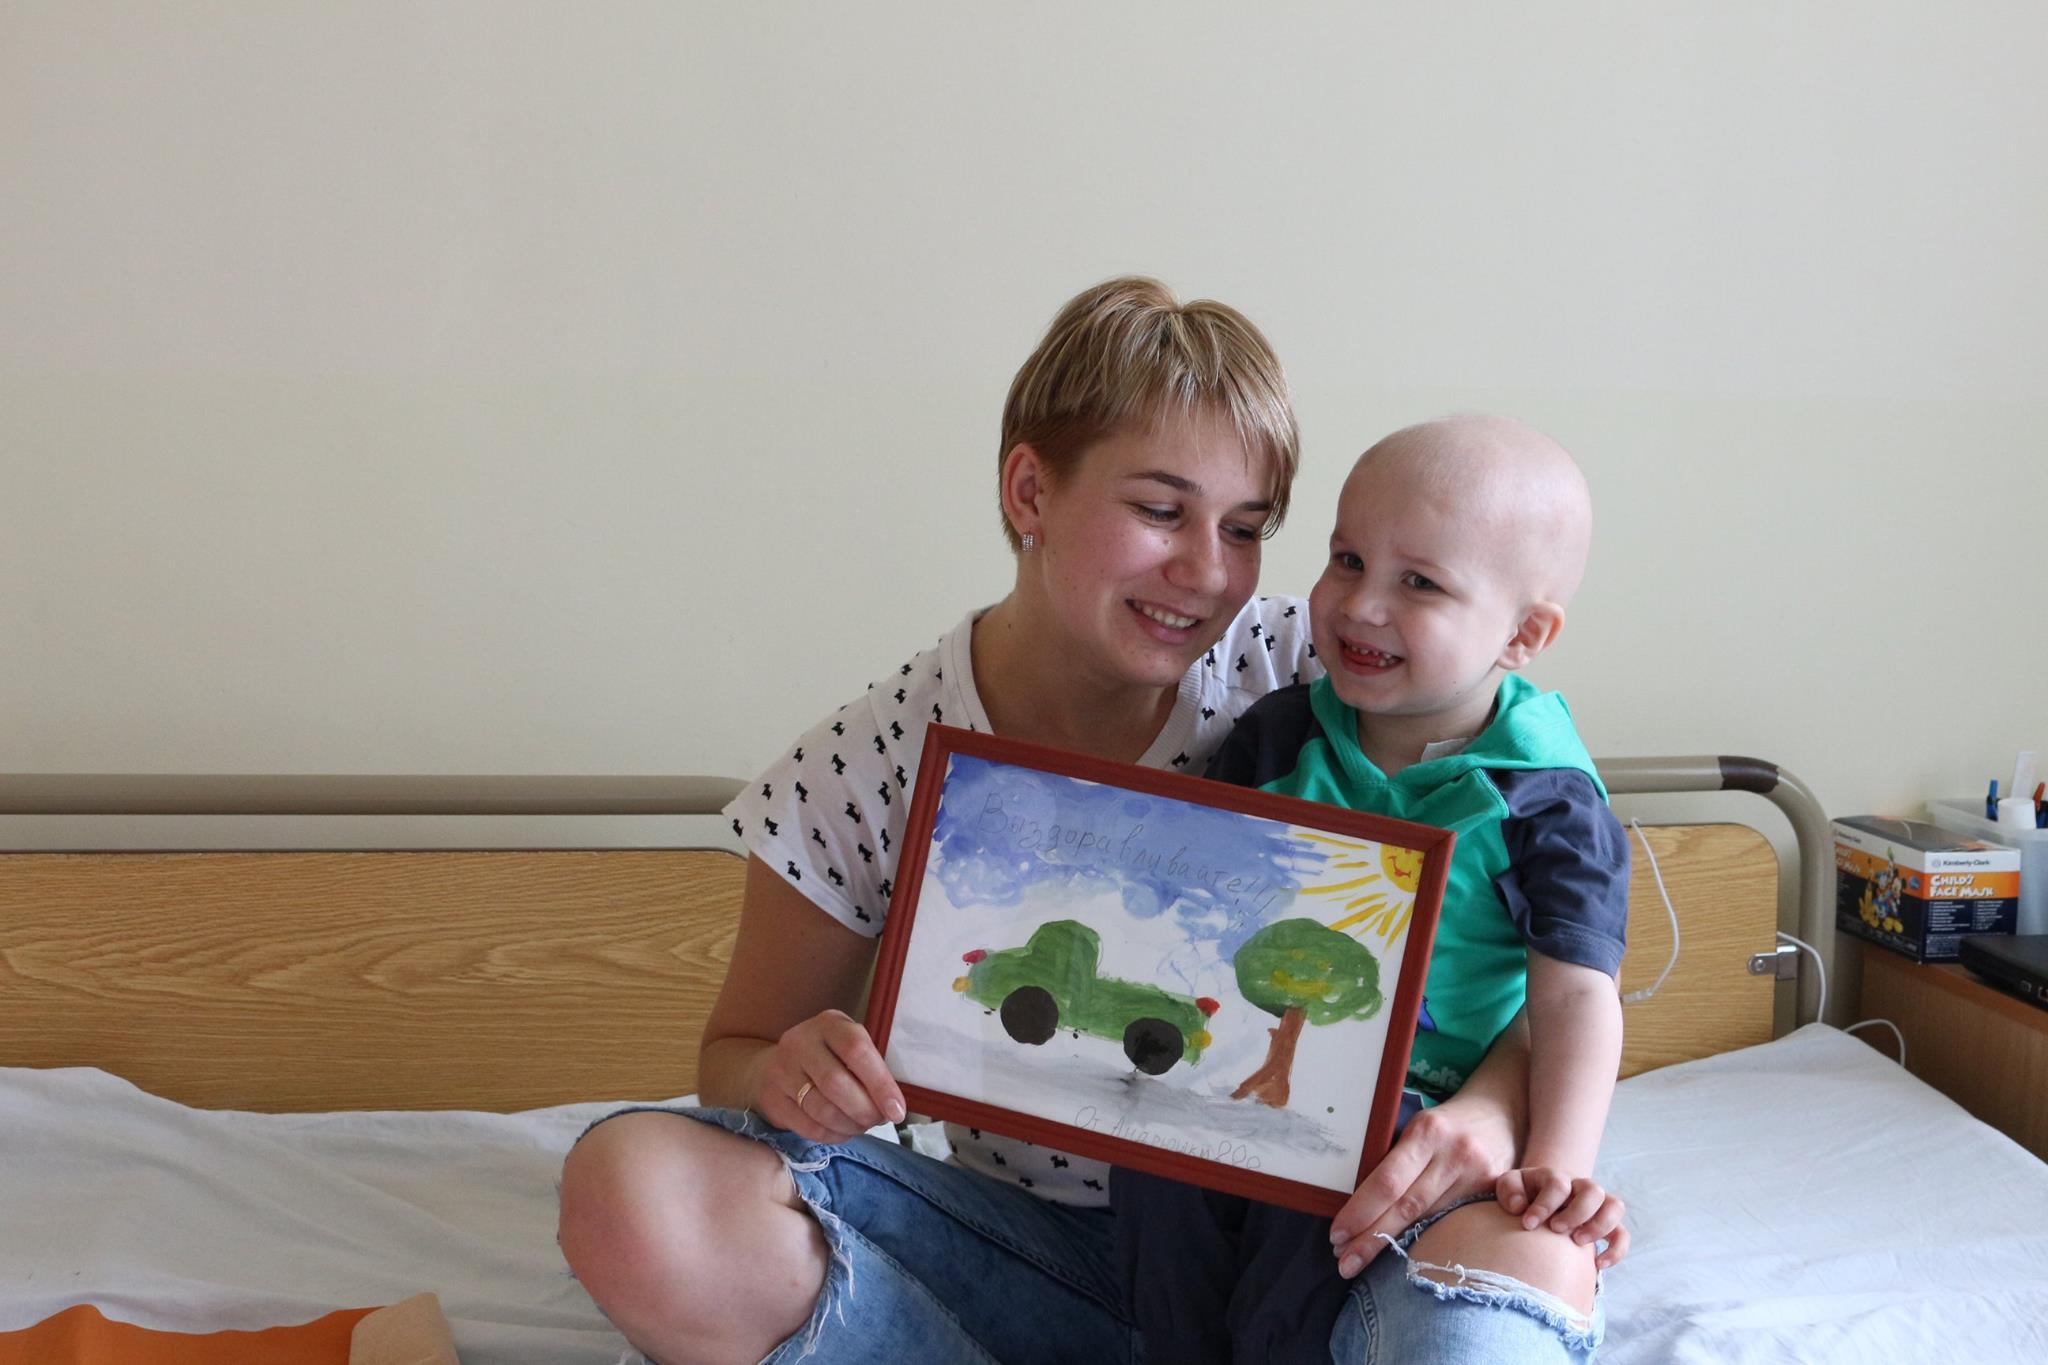 Bimbo di 4 anni con la leucemia crea giocattoli per pagarsi le cure